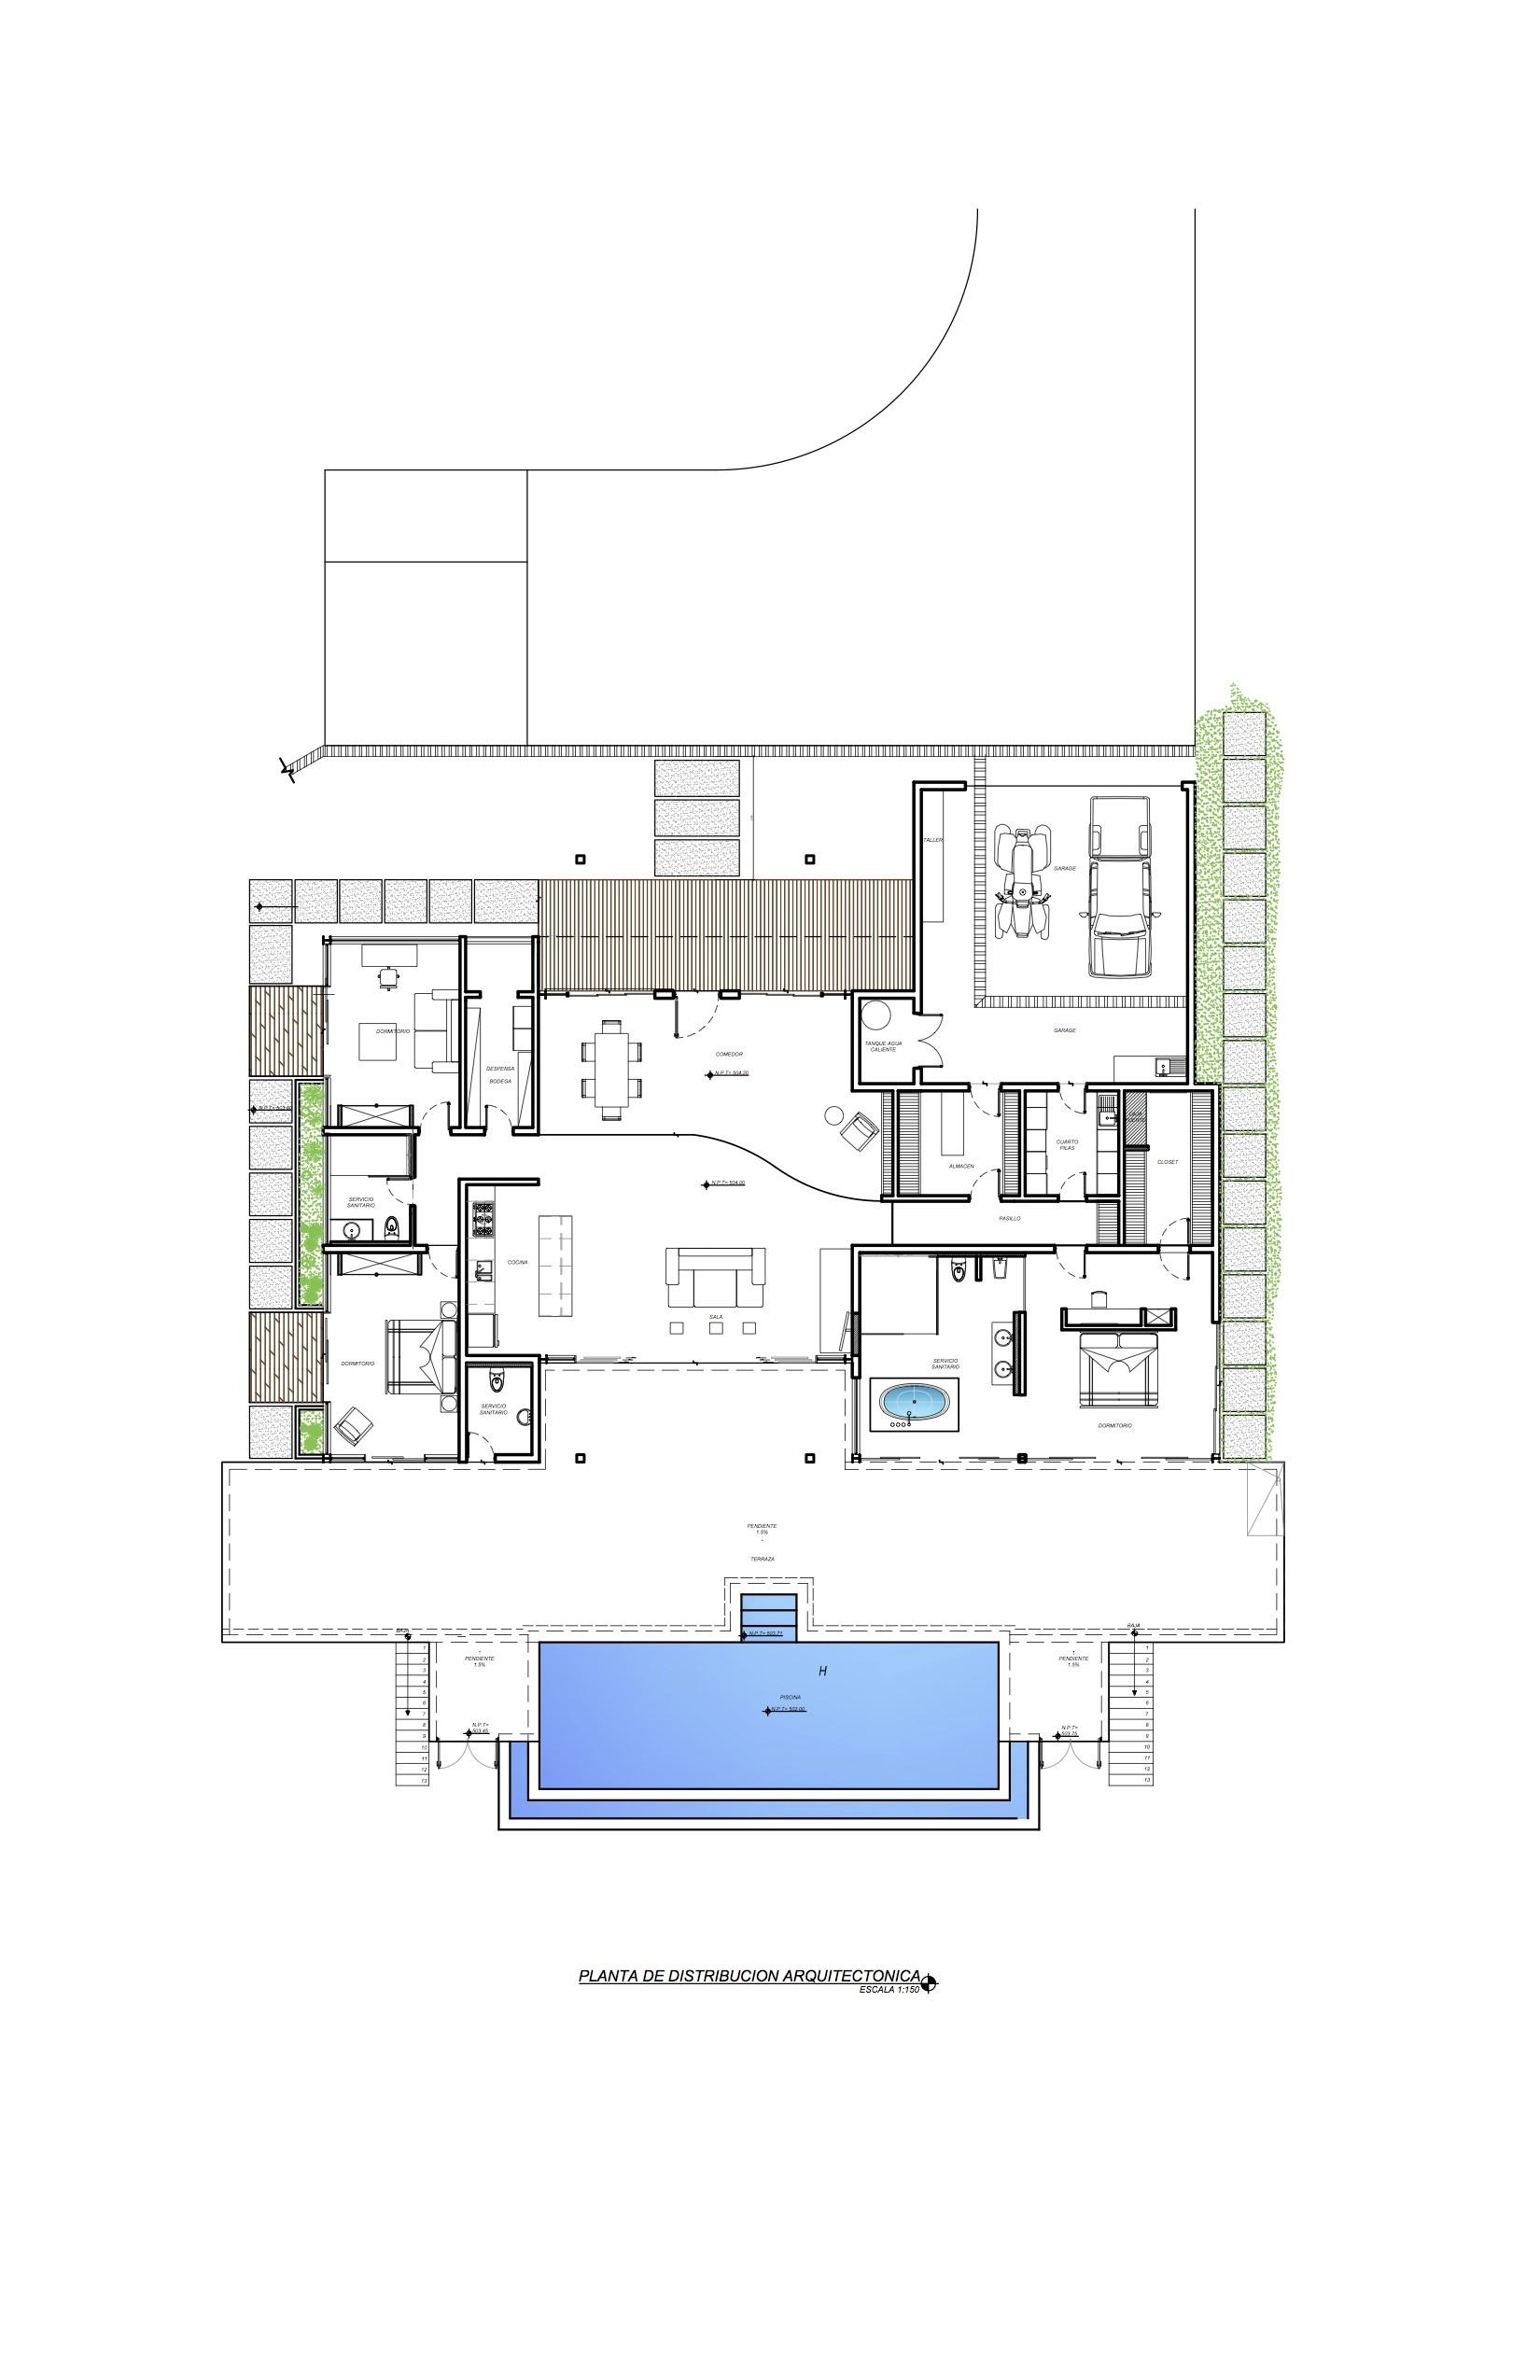 Casa mecano roblesarq plataforma arquitectura for Plantas arquitectonicas de casas